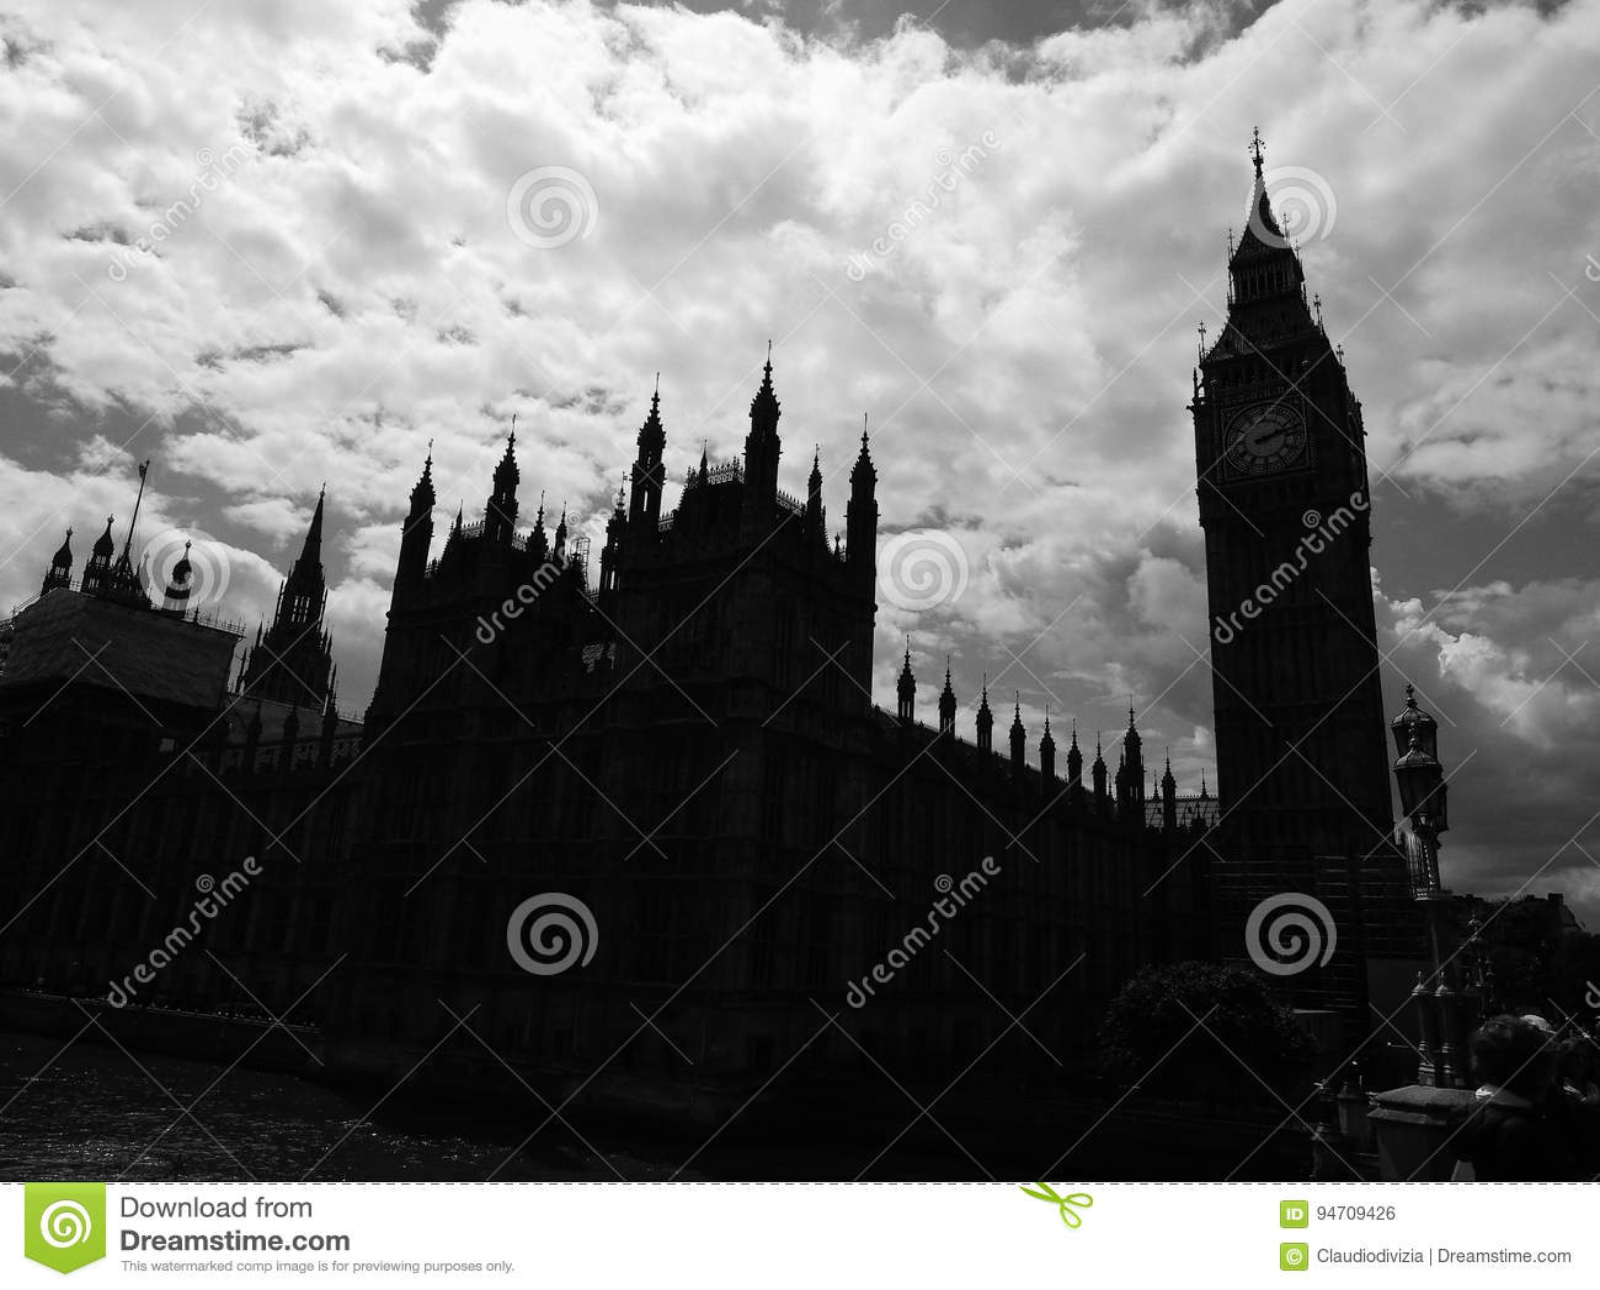 Wolken über Parlamentsgebäuden in London